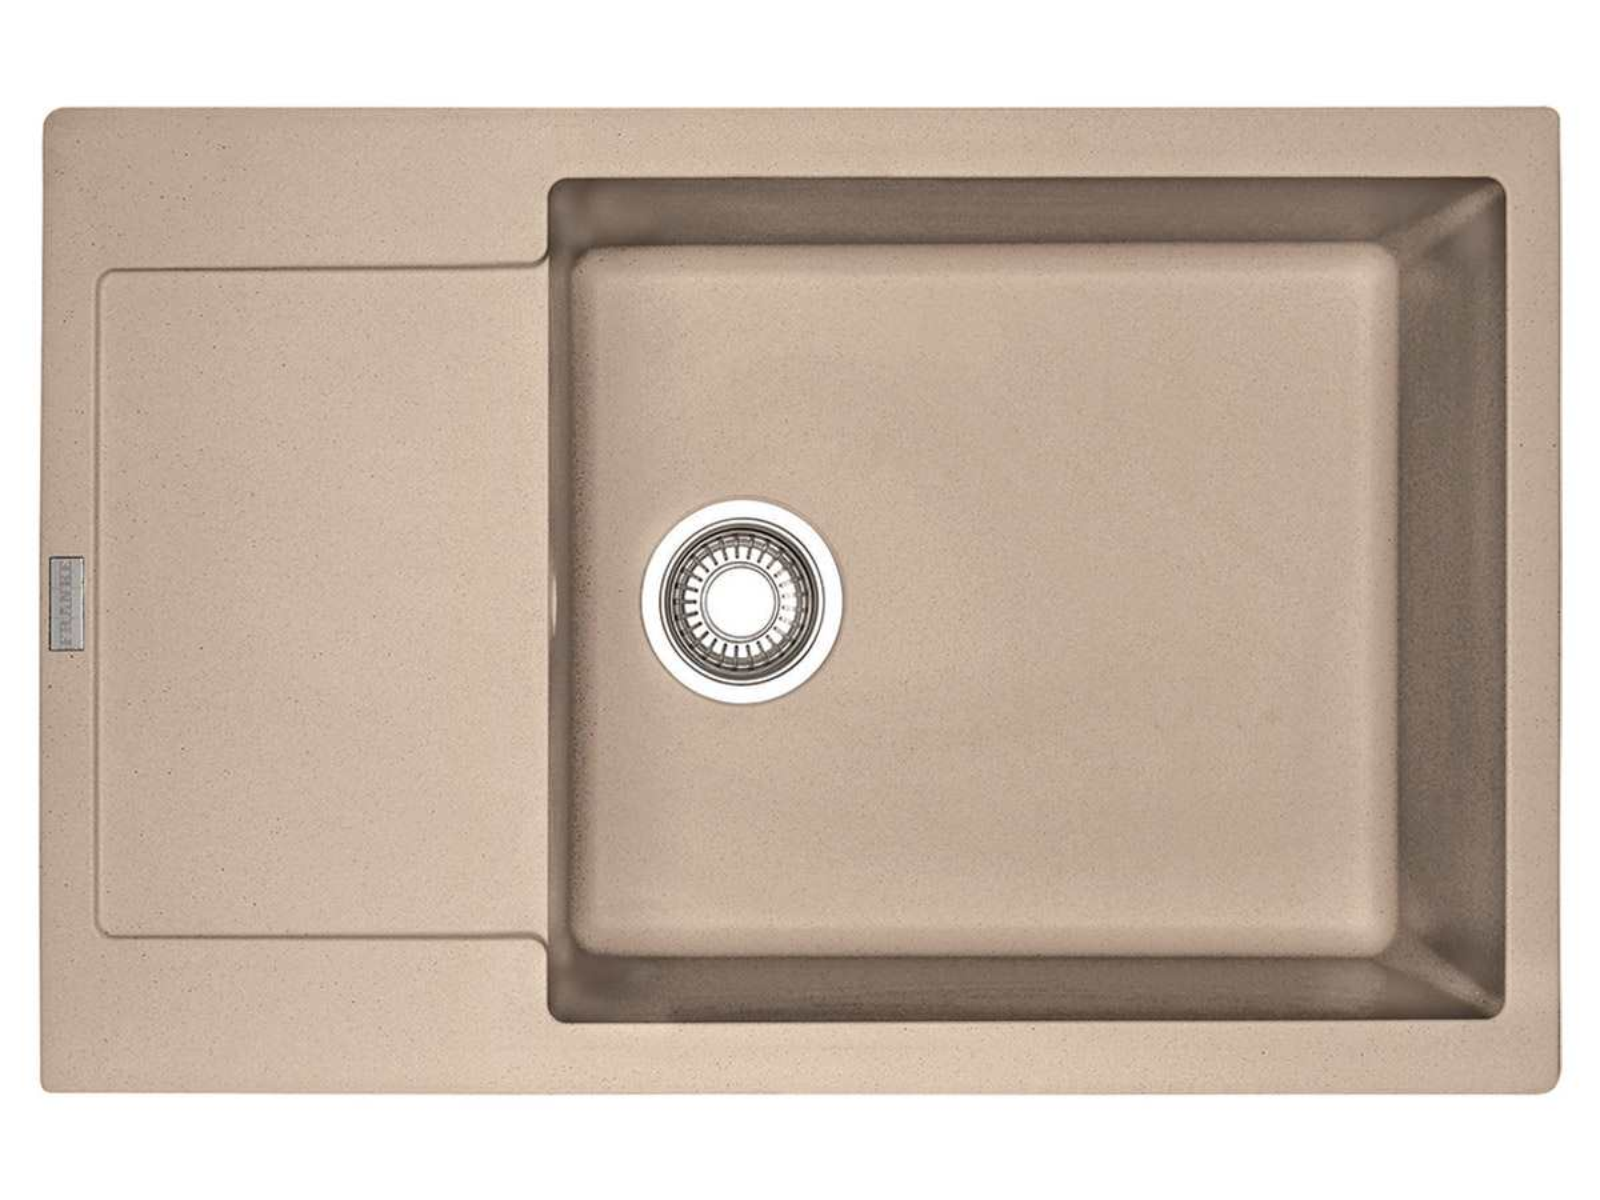 franke maris mrg 611 78 xl sahara granitsp le drehknopfventil. Black Bedroom Furniture Sets. Home Design Ideas